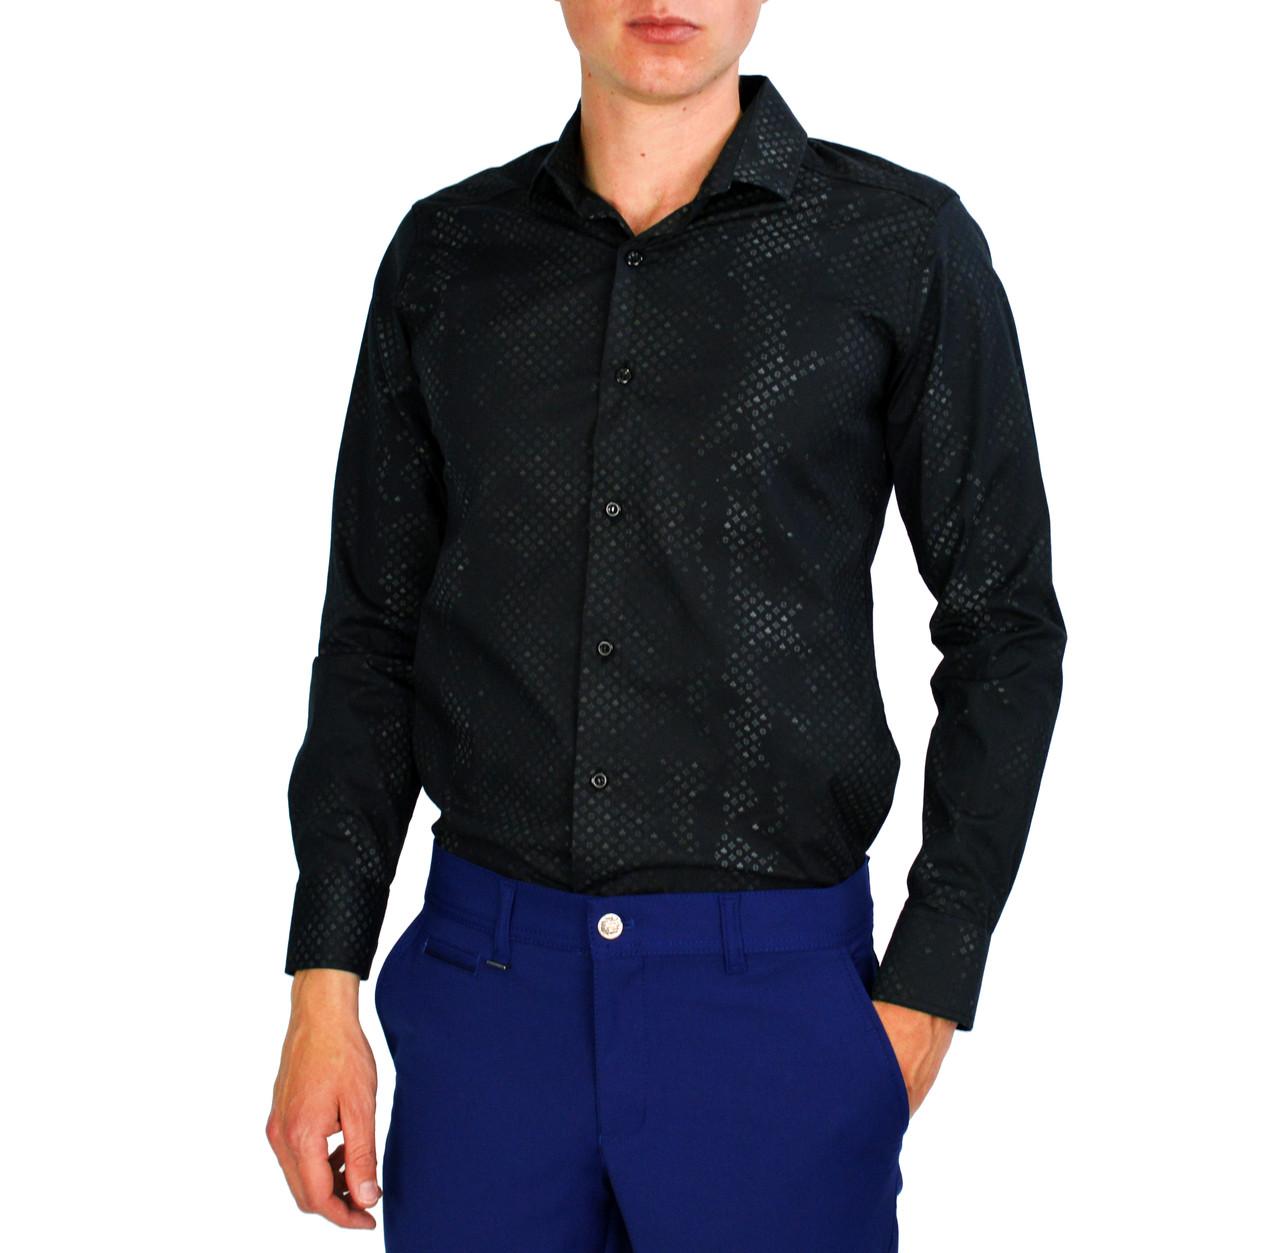 f9ebcb1b724 Черная с узором мужская рубашка классическая LORENTI  продажа